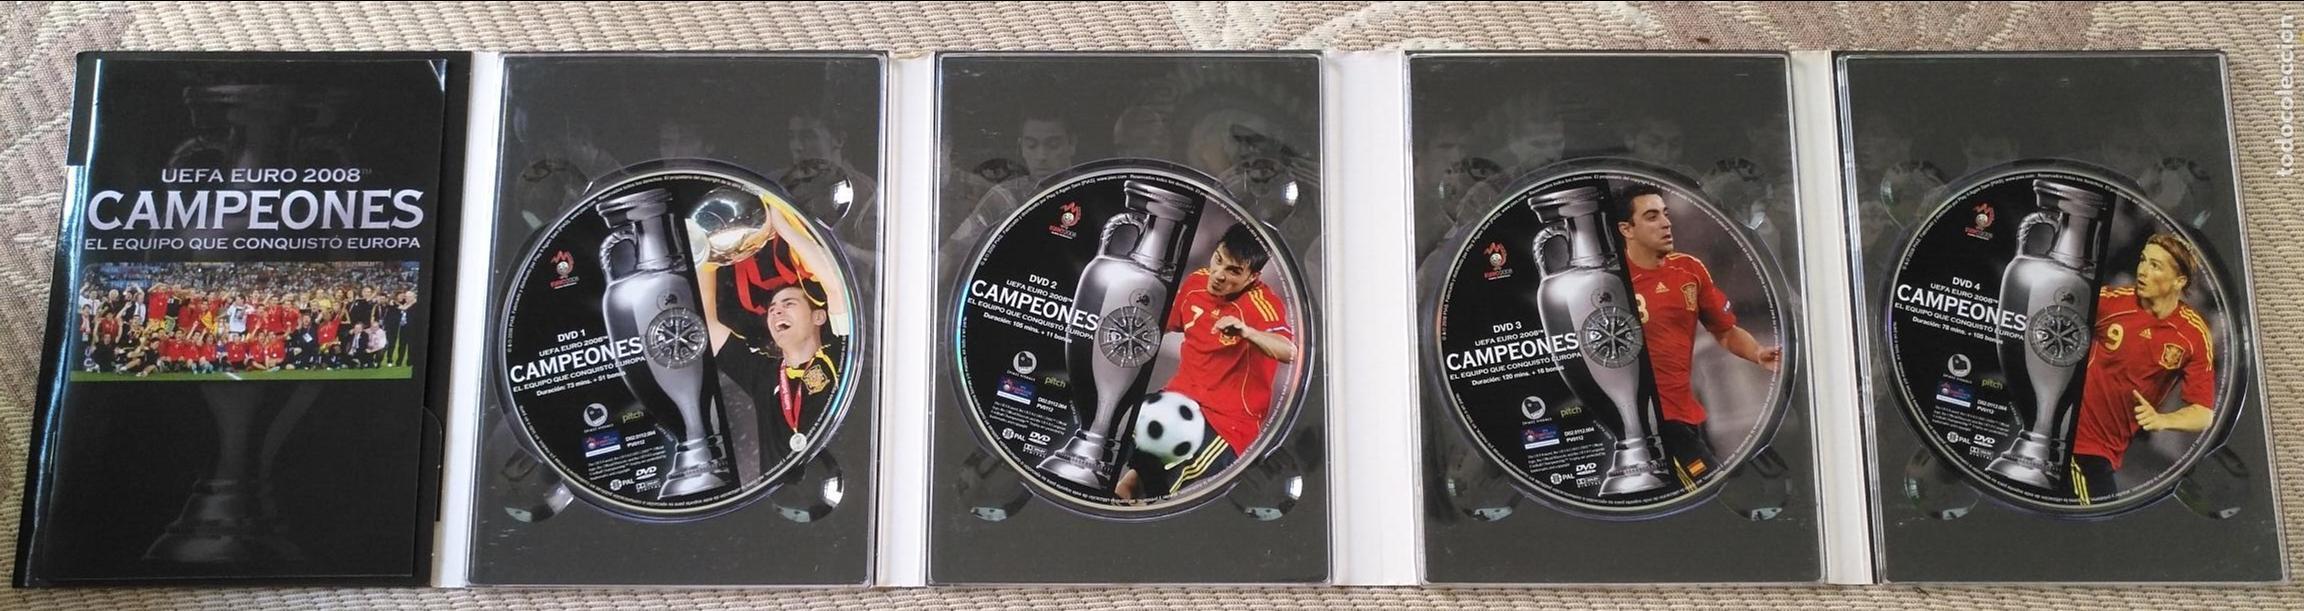 Coleccionismo deportivo: FUTBOL UEFA EURO 2008 TM CAMPEONES EL EQUIPO QUE CONQUISTO EUROPA 4 DVD - Foto 11 - 136257198